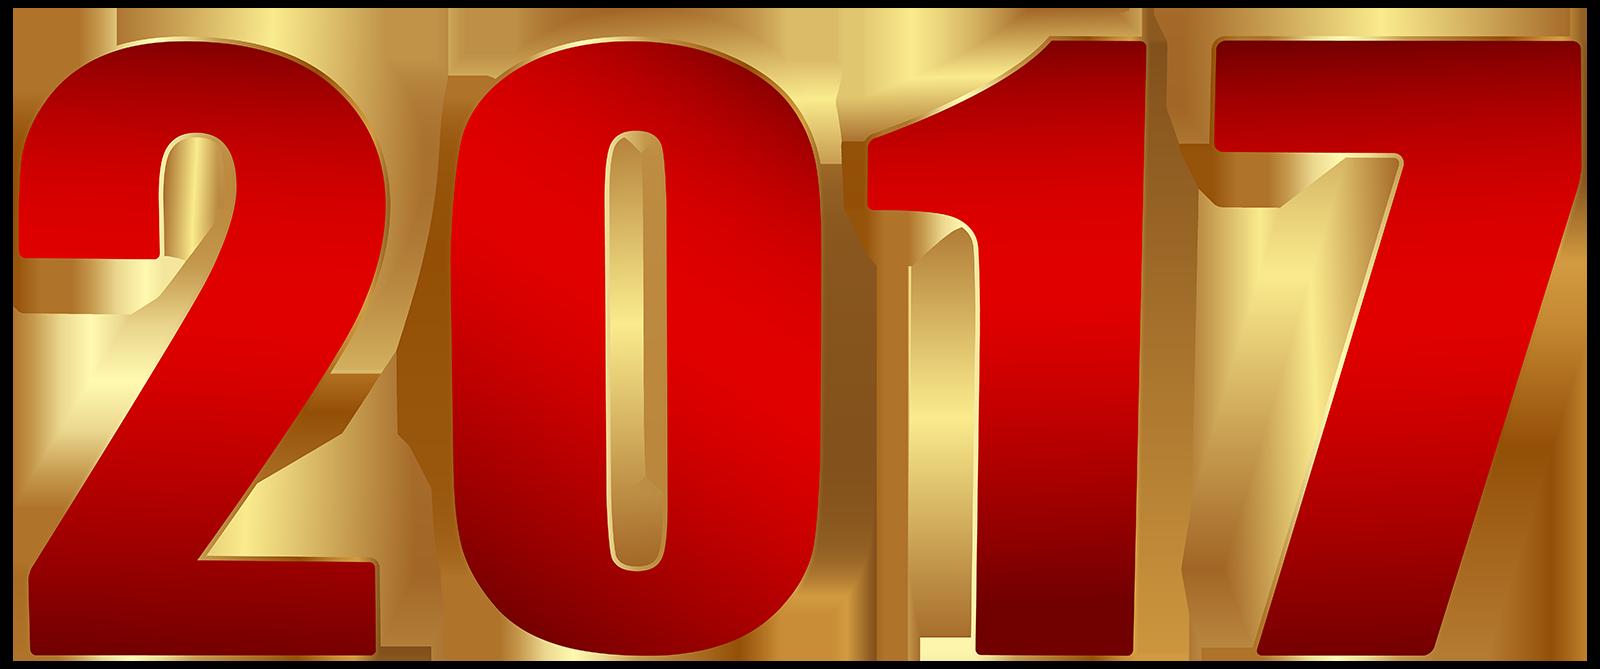 Top 10 - 2017